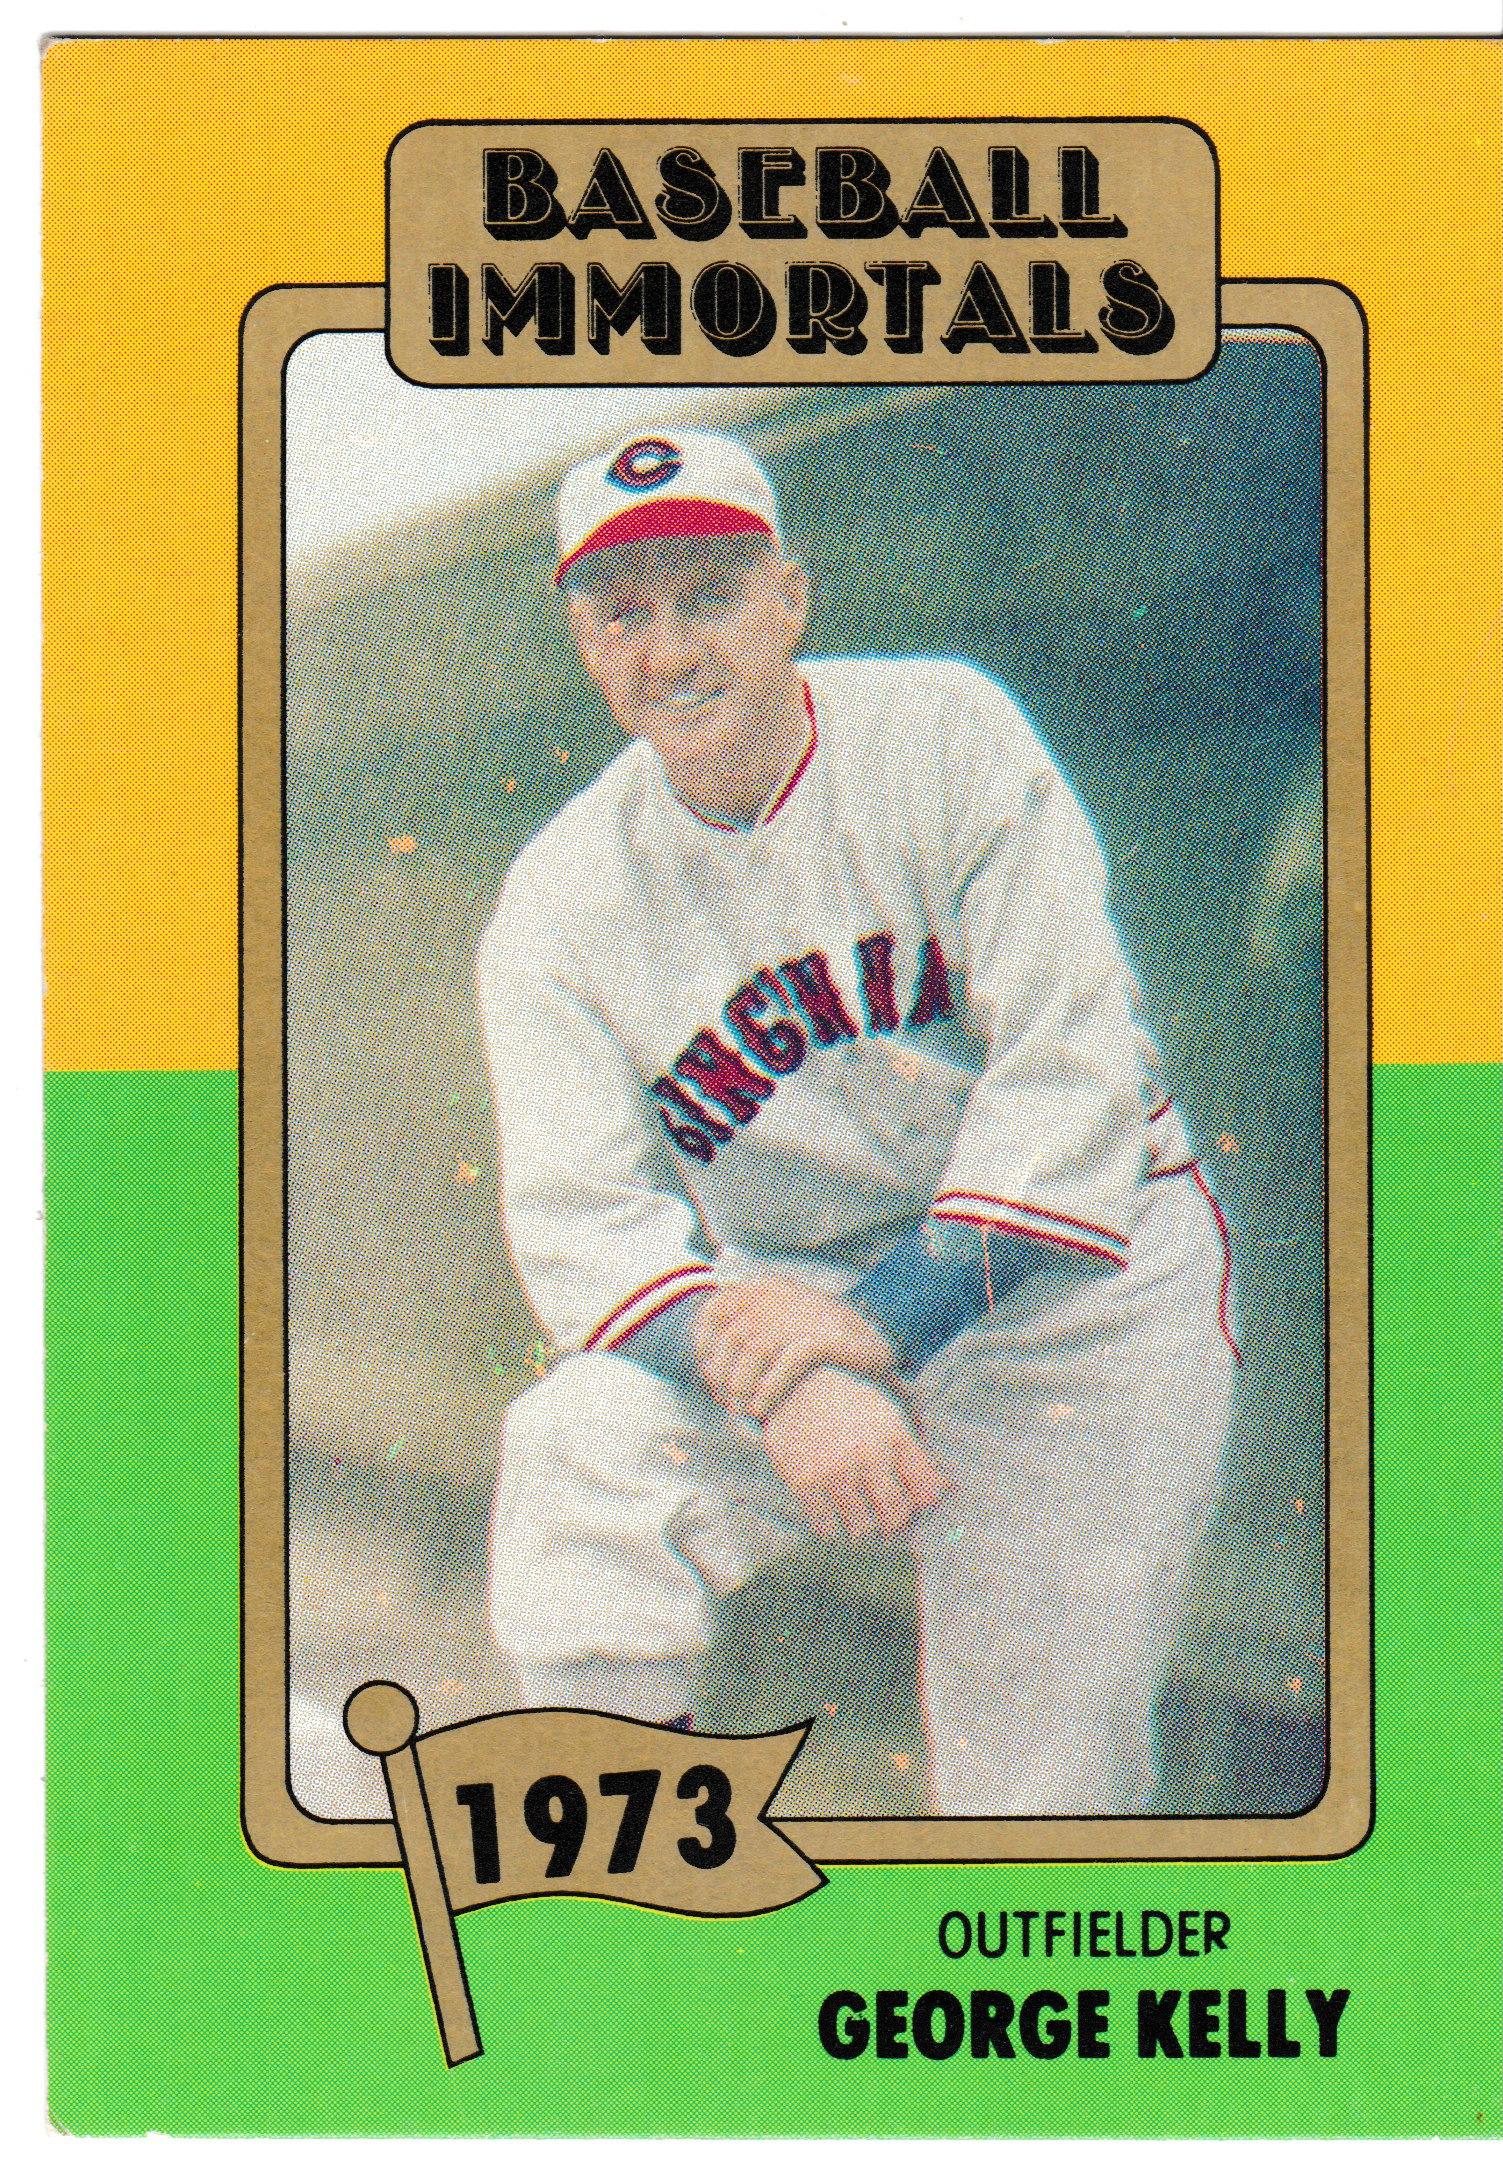 1980 Baseball Immortals George Kelly Baseball Cards